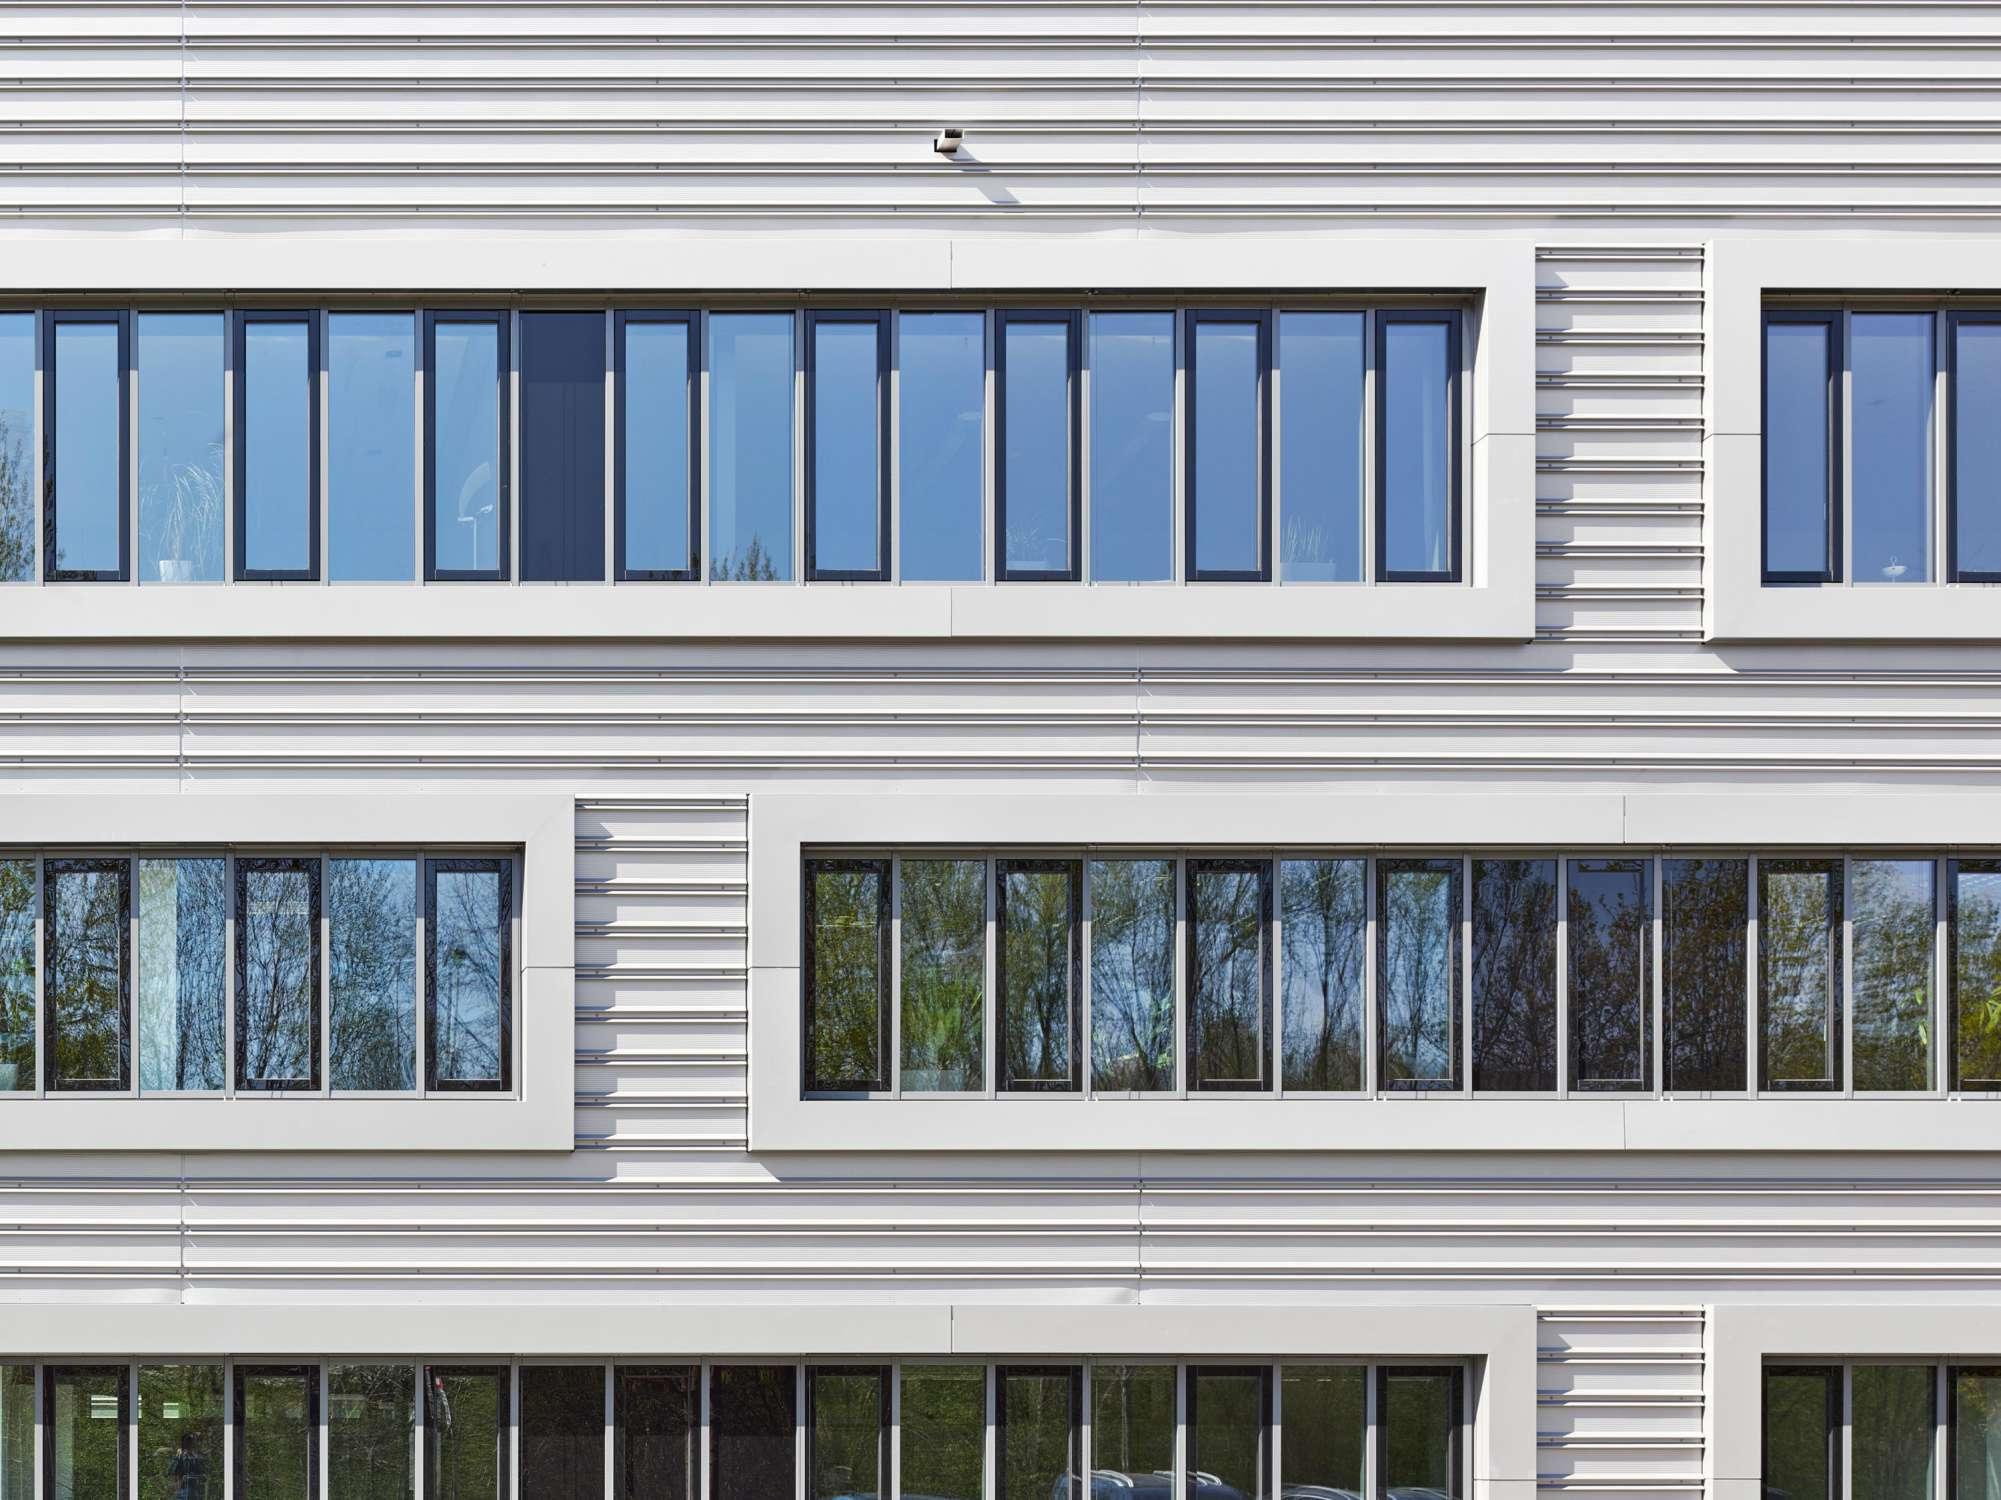 Umbau und energetische Sanierung Verwaltungsgebäude (14)